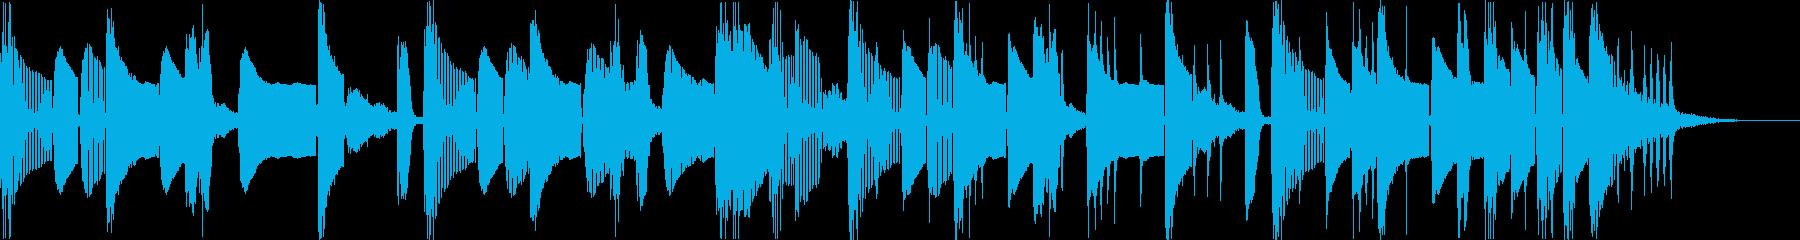 怪しい不気味コミカルなヒップホップeの再生済みの波形